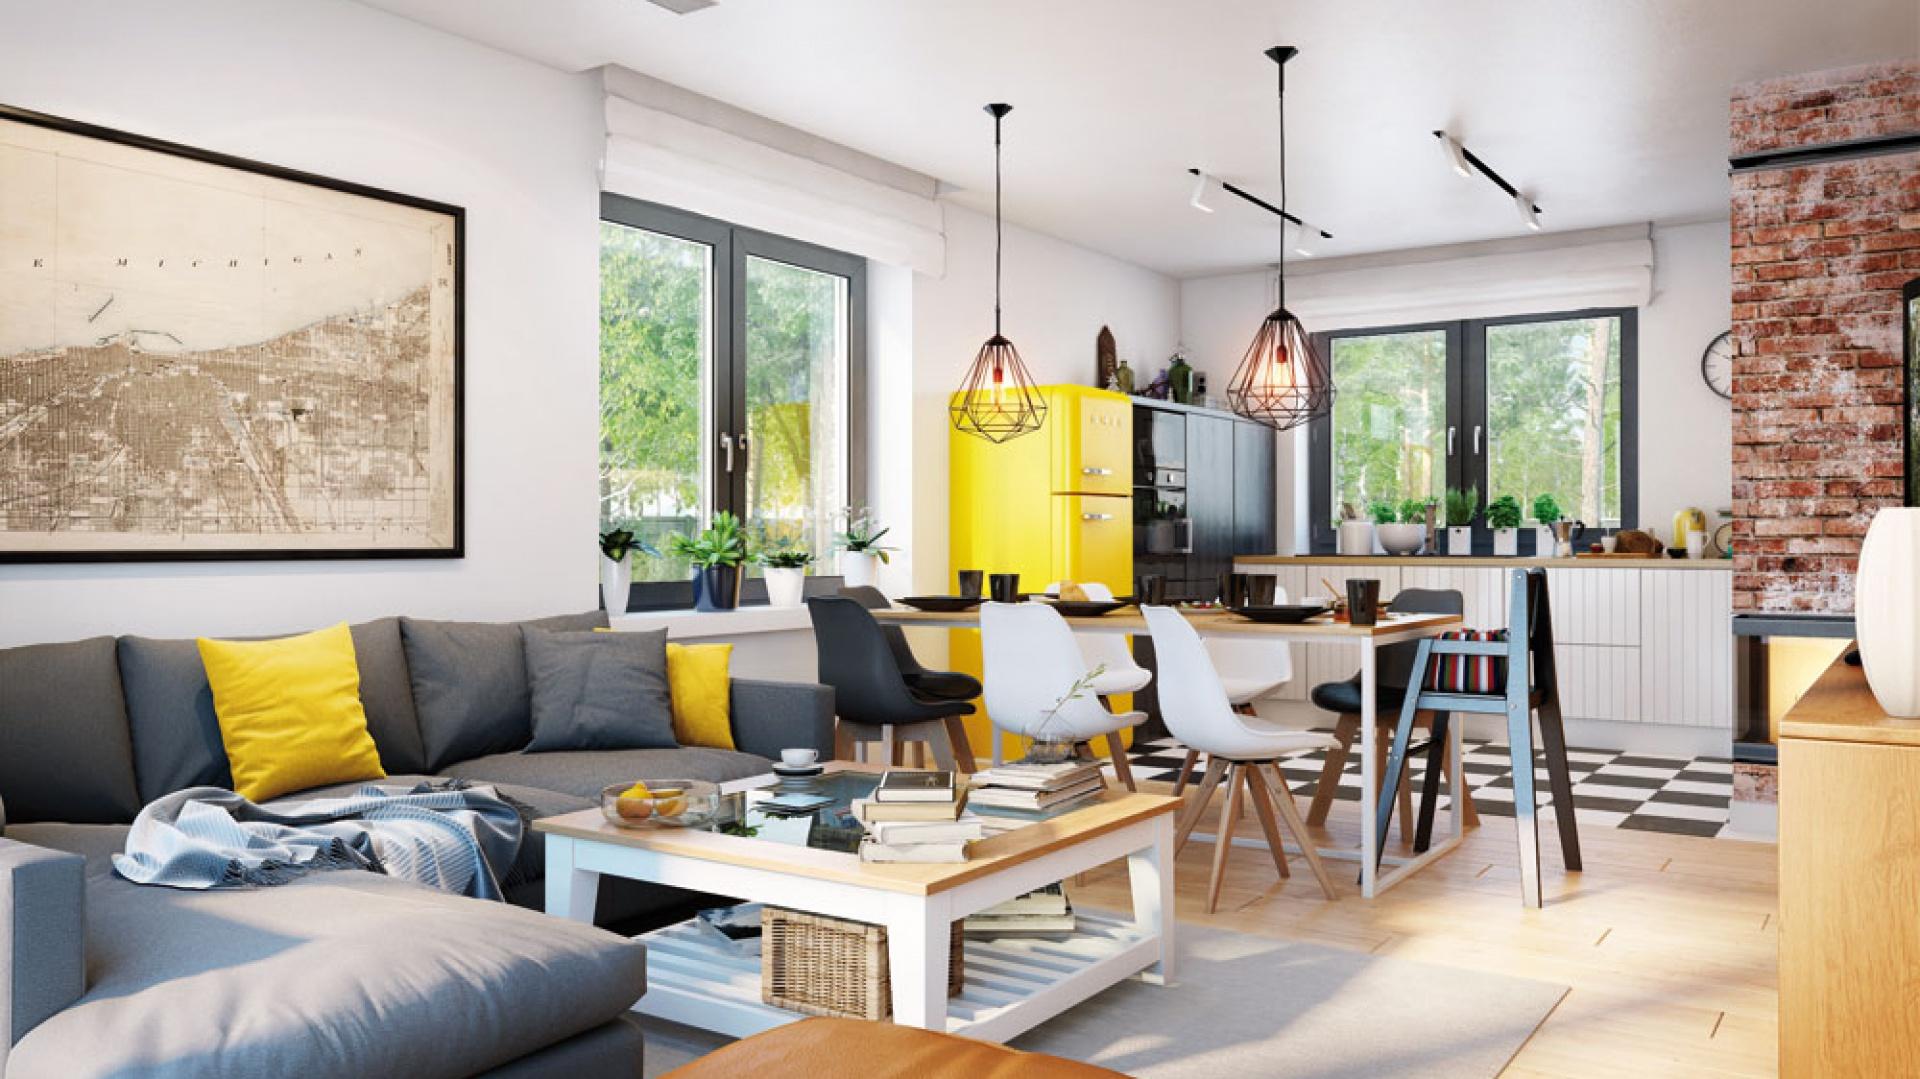 W jadalni ustawiono prosty stół na surowej, metalowej podstawie z drewnianym blatem i krzesła doskonale nawiązującymi do kuchennej podłogi. Takie zestaw komfortowo łączy się z bardziej klasyczną strefą dzienną. Na wizualizacji wnętrza Domu w zielistkach 5 Archon+ znajdują się: stół Denver, krzesła Norden Cross, lampy Matrix, stolik Maxime, kominek MBZ, narożnik Biki, dostępne w sklepie archonhome.pl